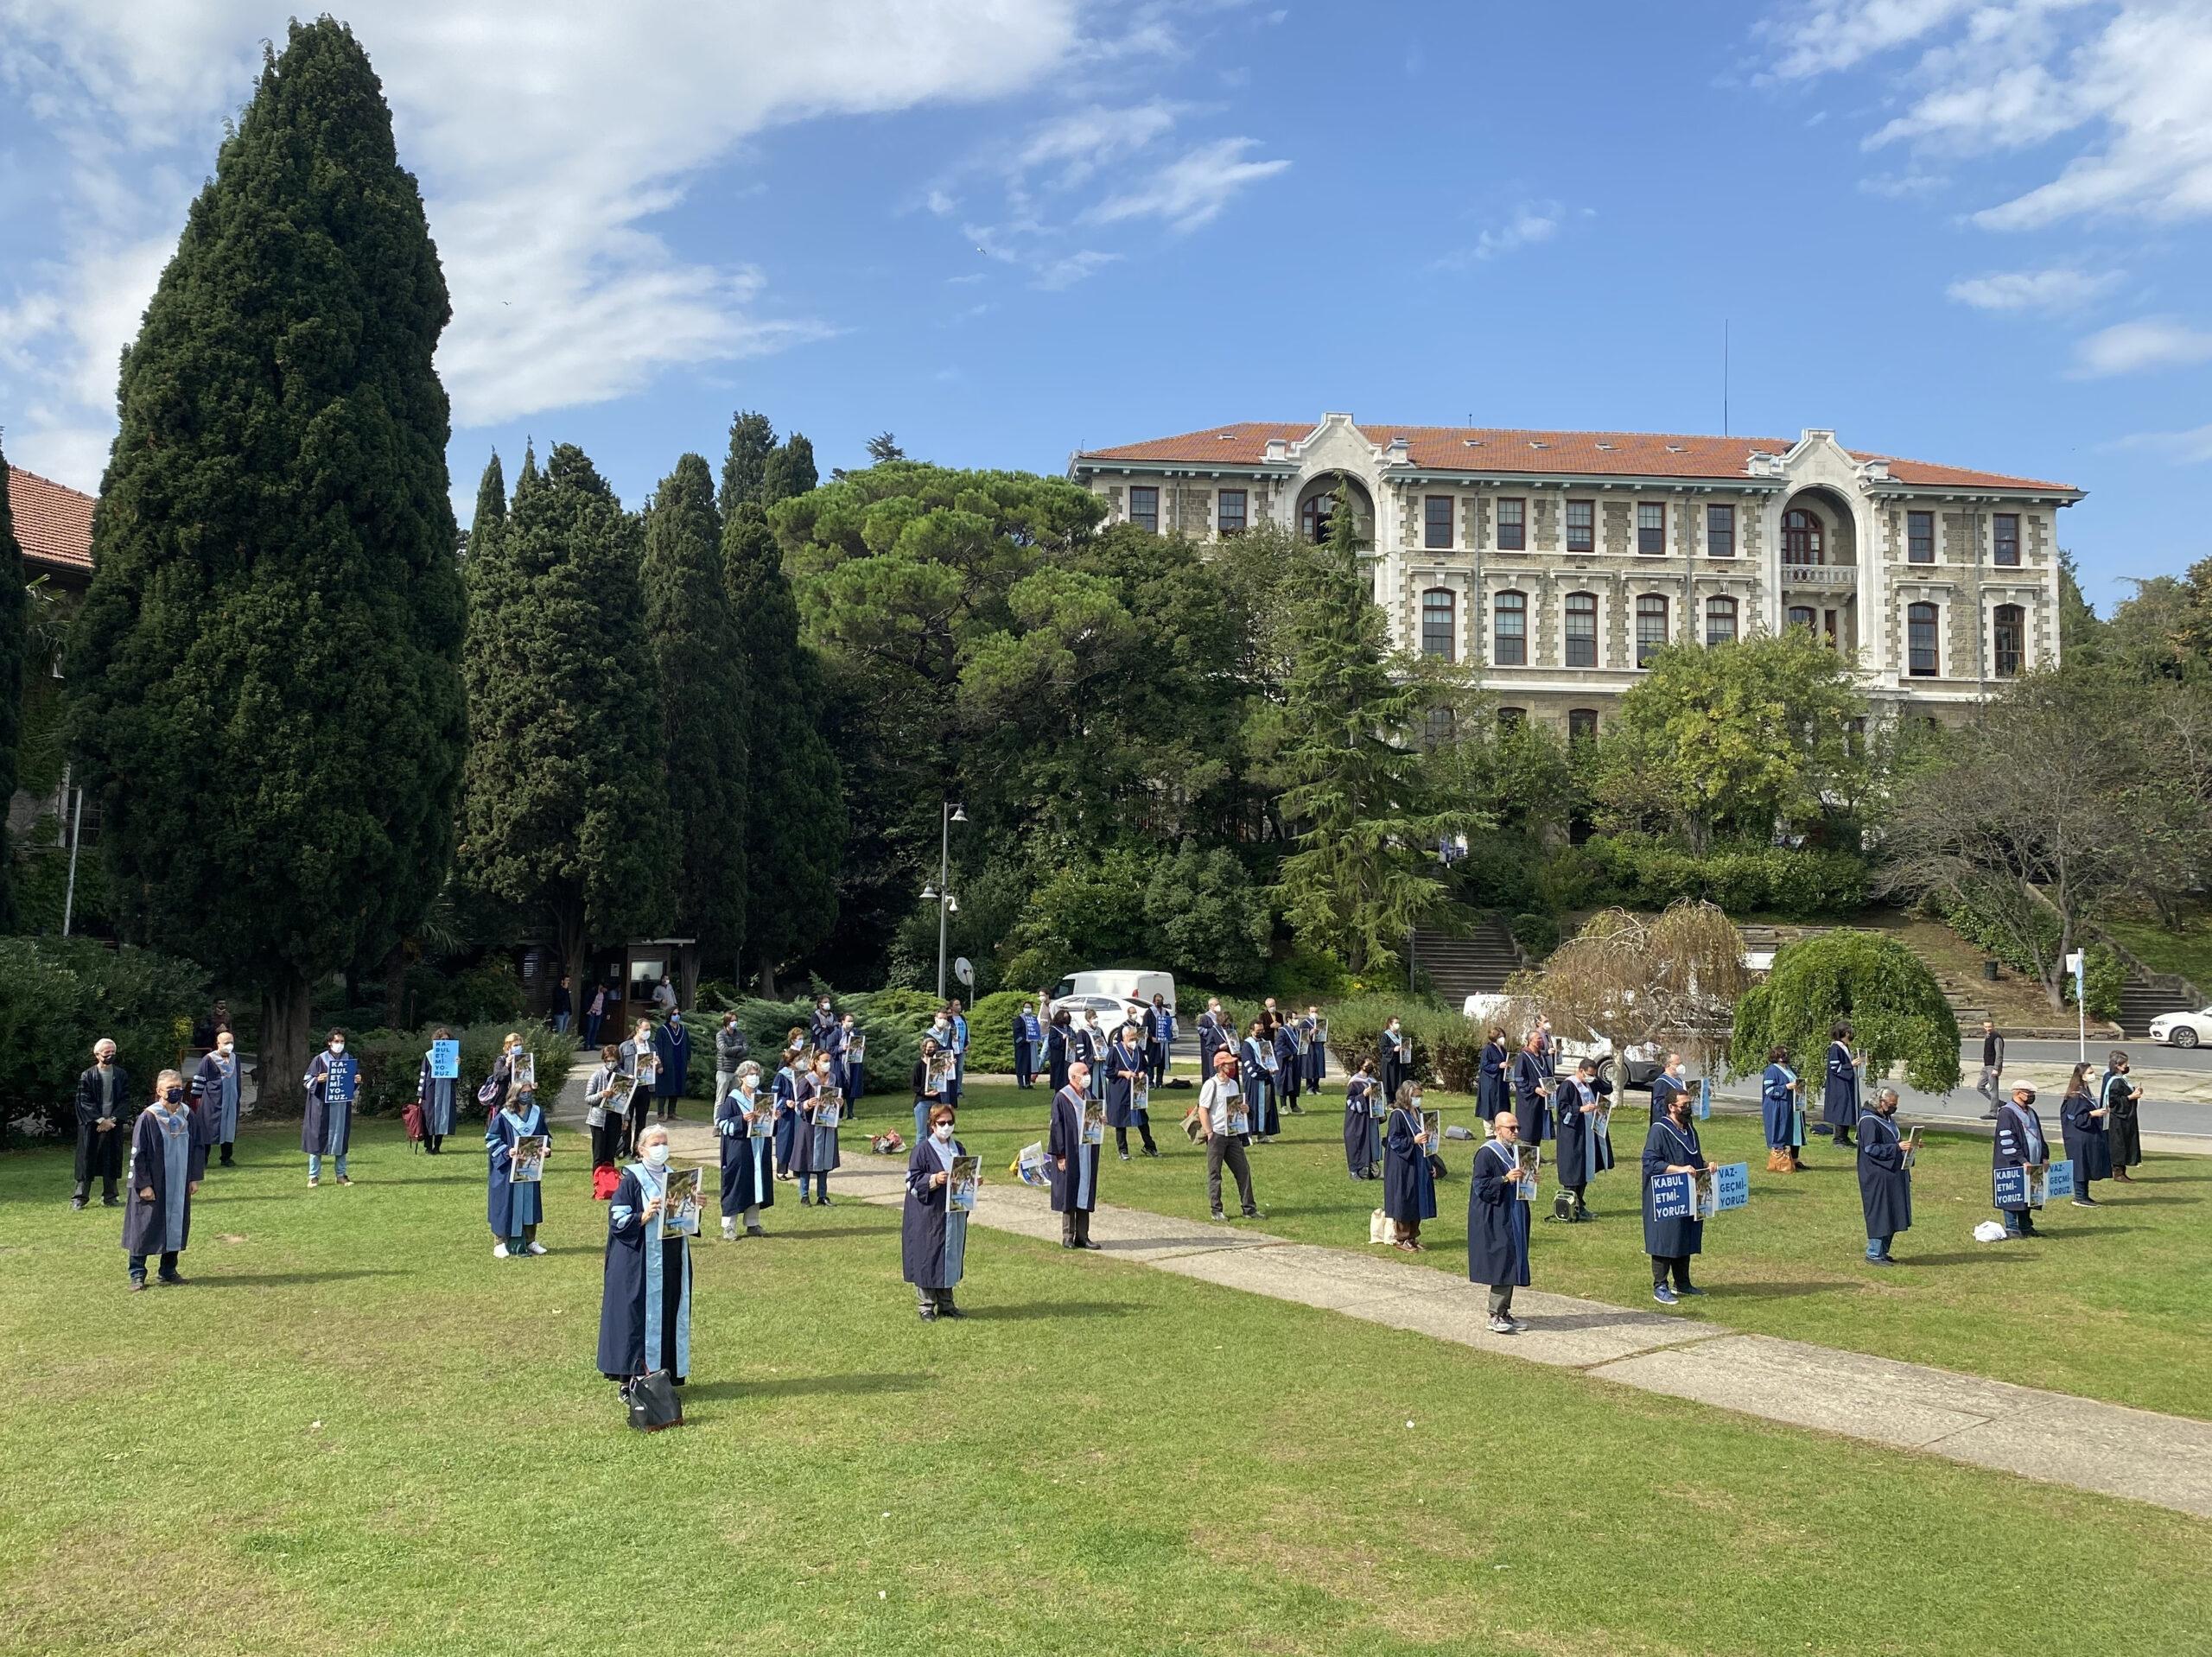 Boğaziçi Üniversitesi'nde akademisyenlerin nöbeti 189. gününde: Boğaziçi direnişi 282. gününde